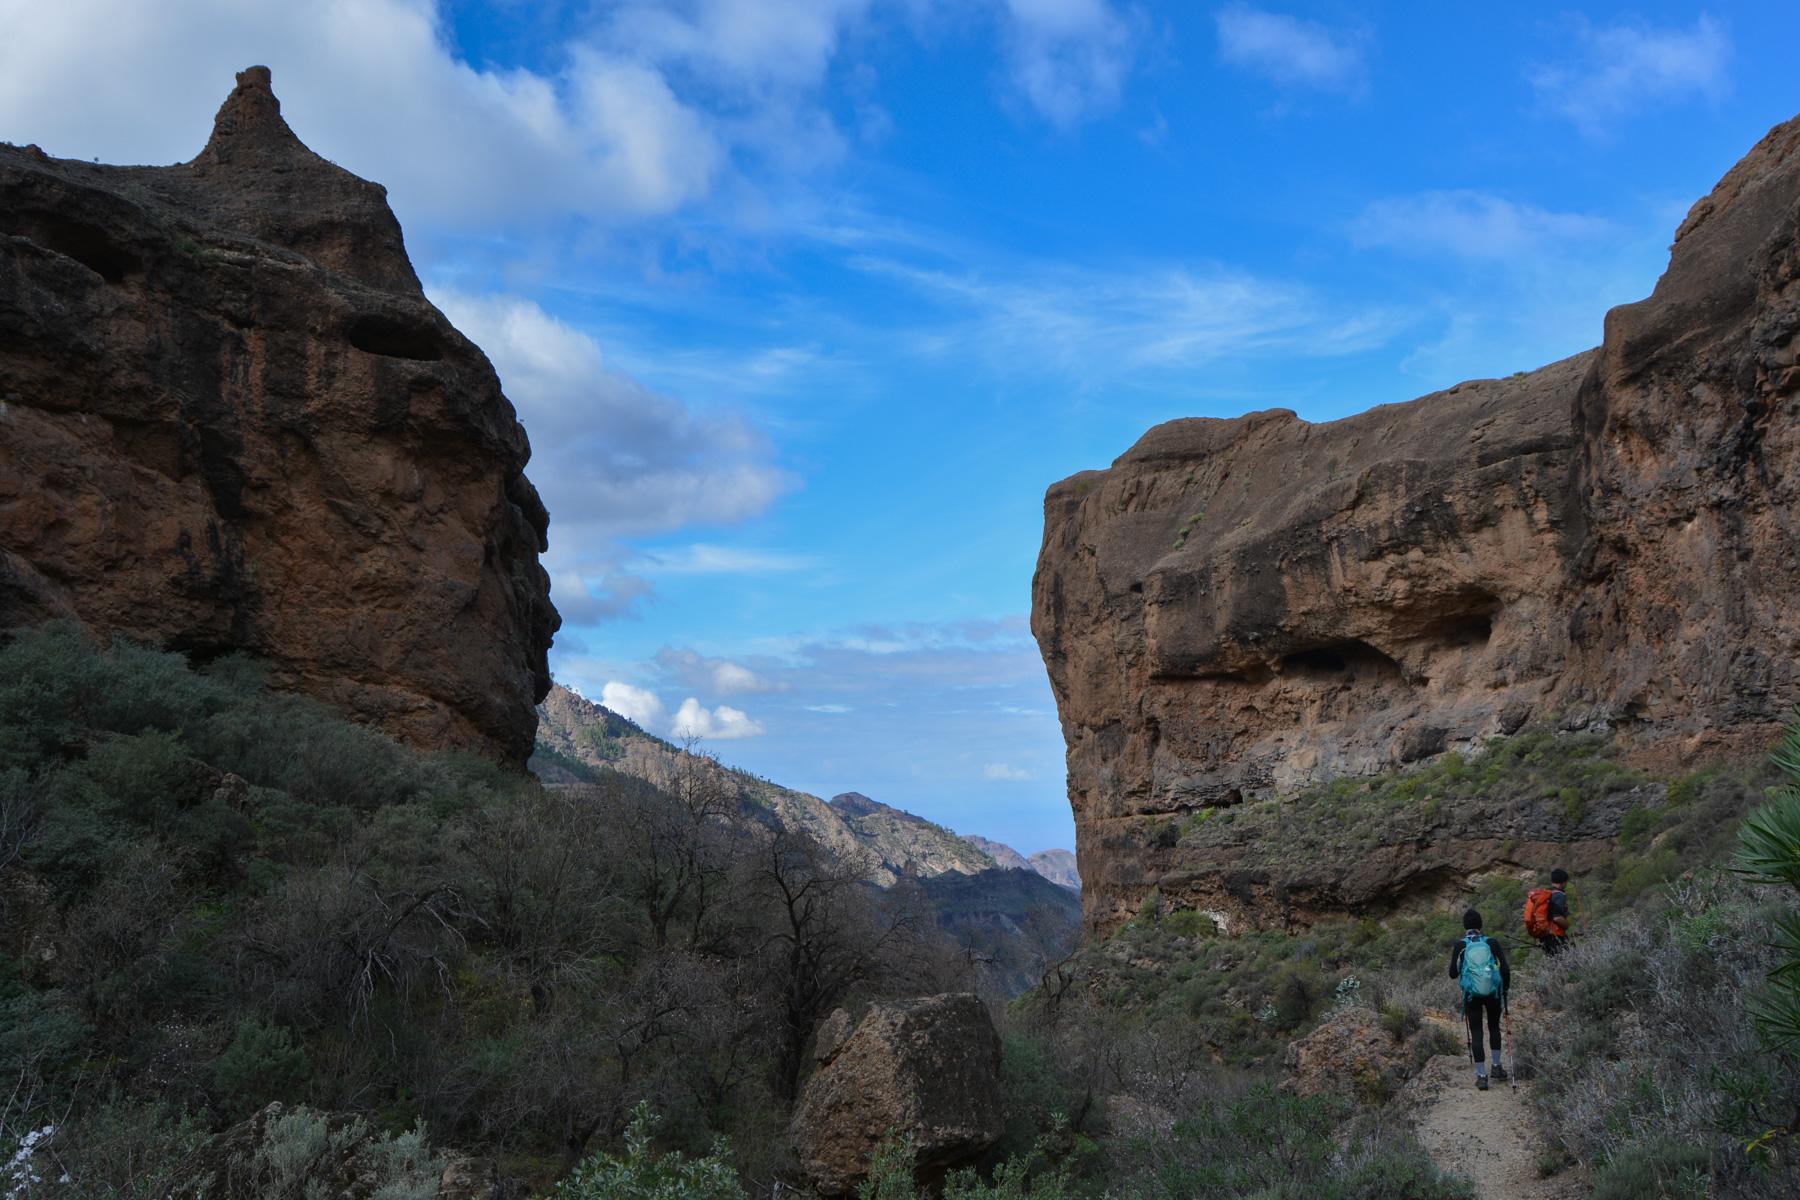 La Cañada de las burras, Gran Canaria, Espagne 21